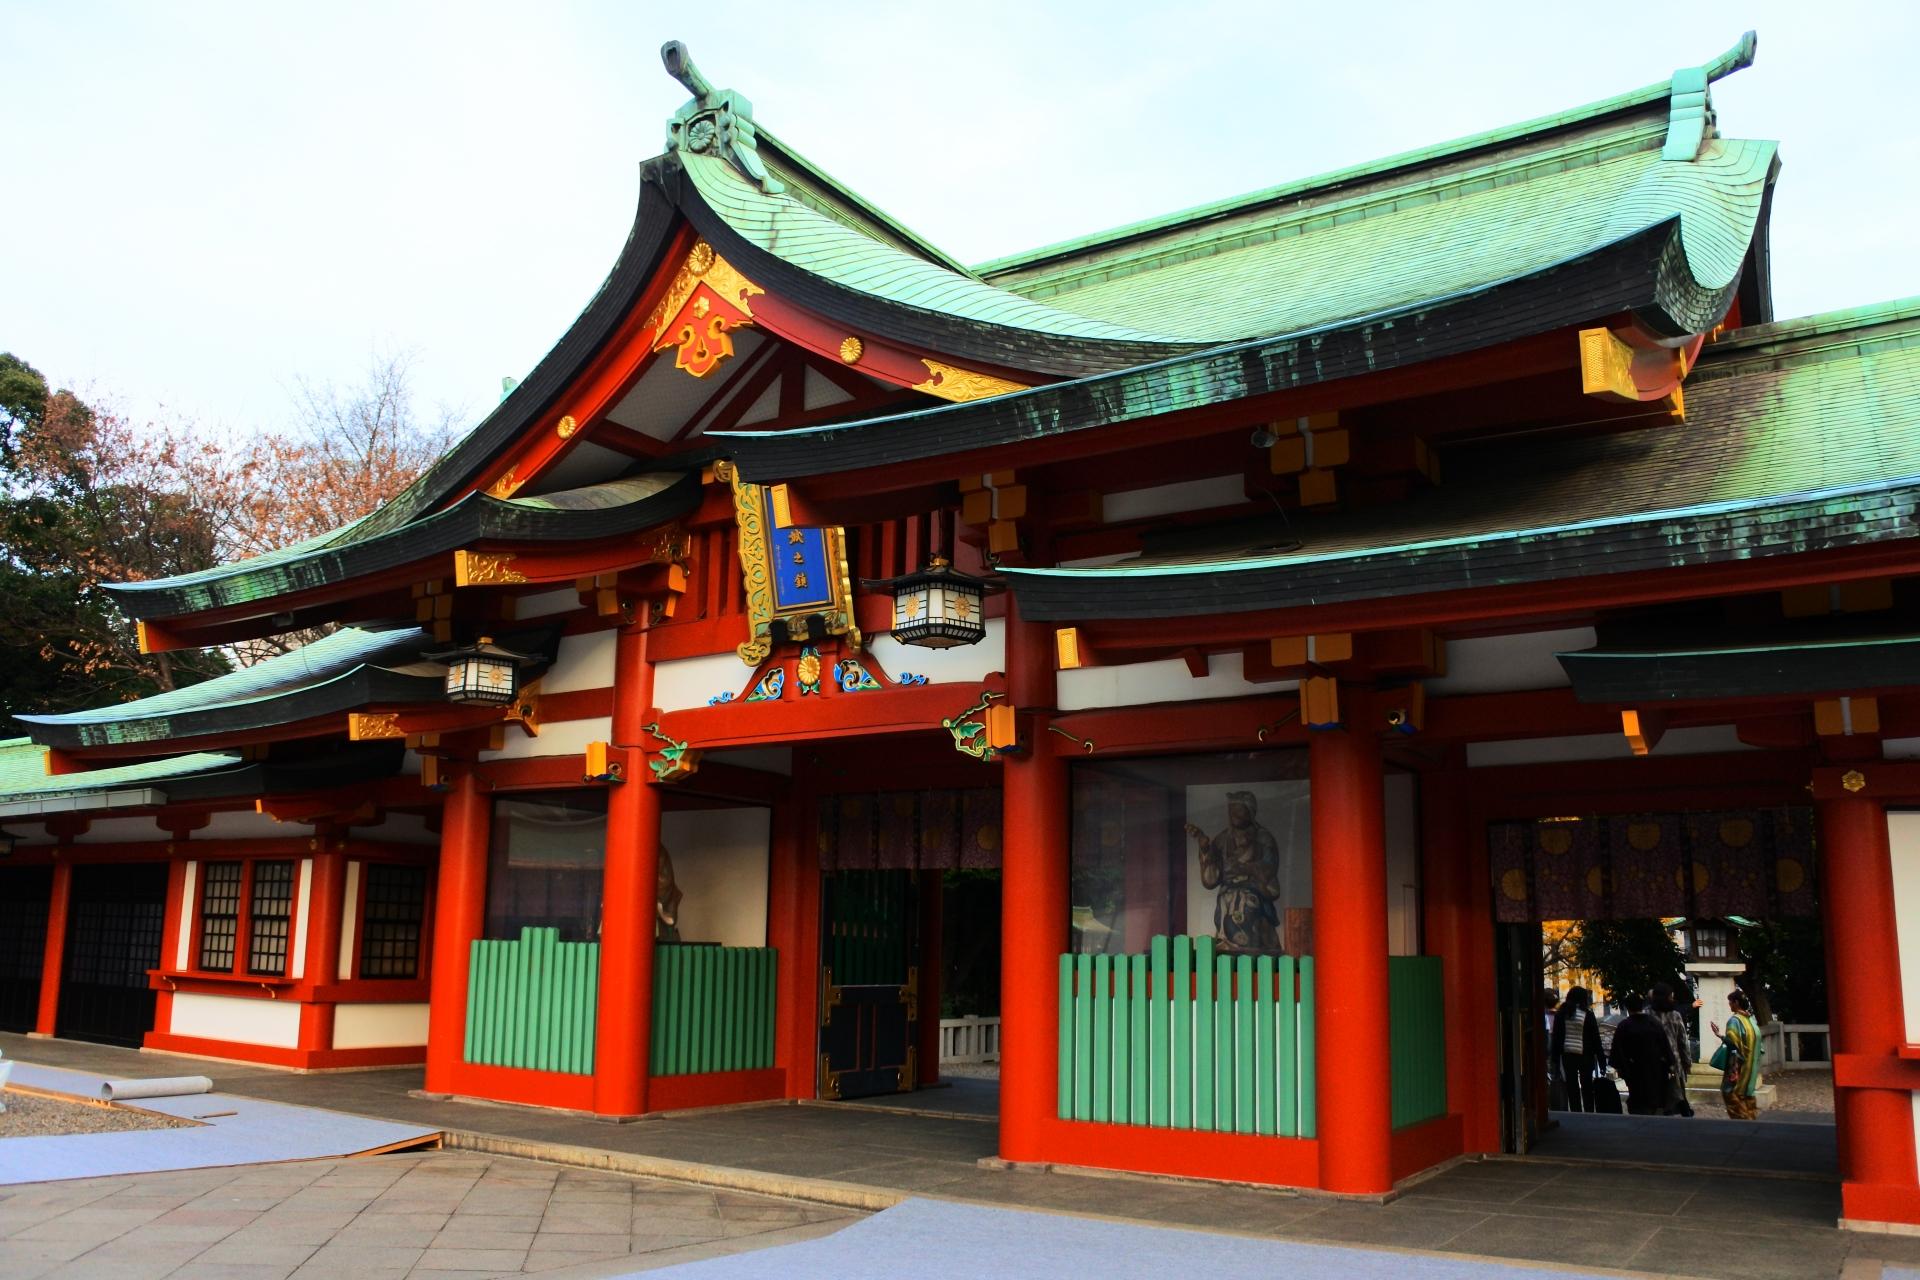 厄除けなら東京で!最強の寺社やおすすめの人気有名神社等をご紹介